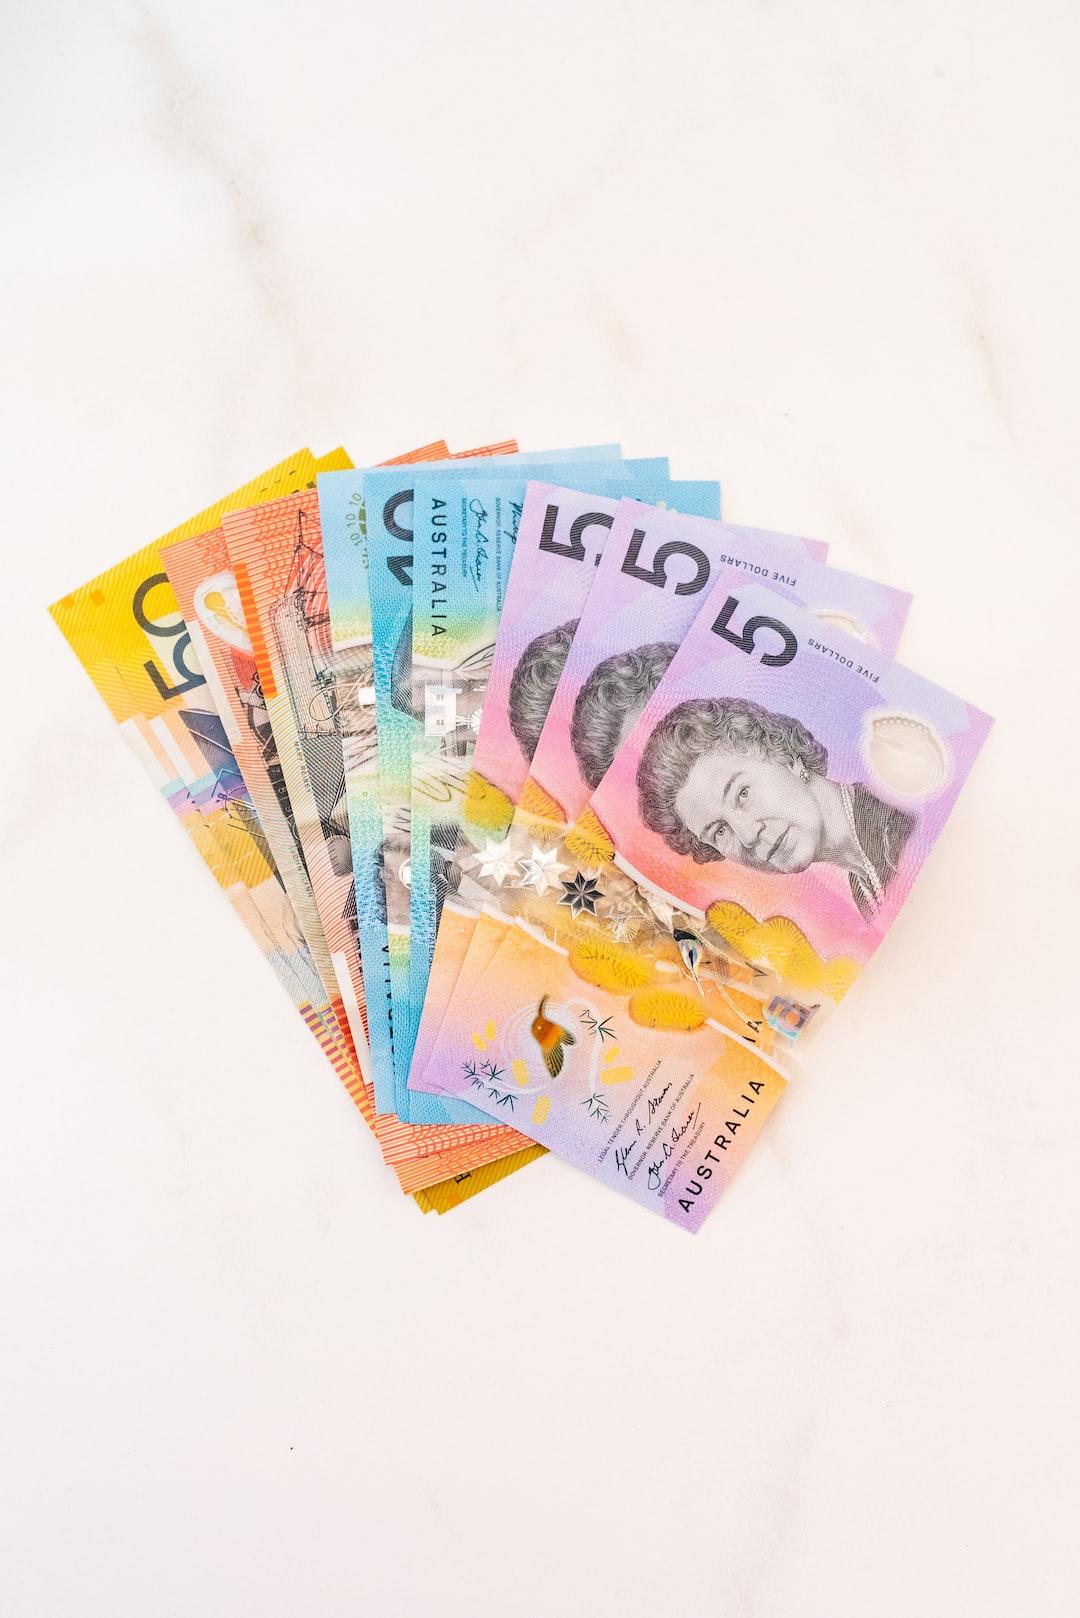 Australian Dollar teetering near 6-week highs